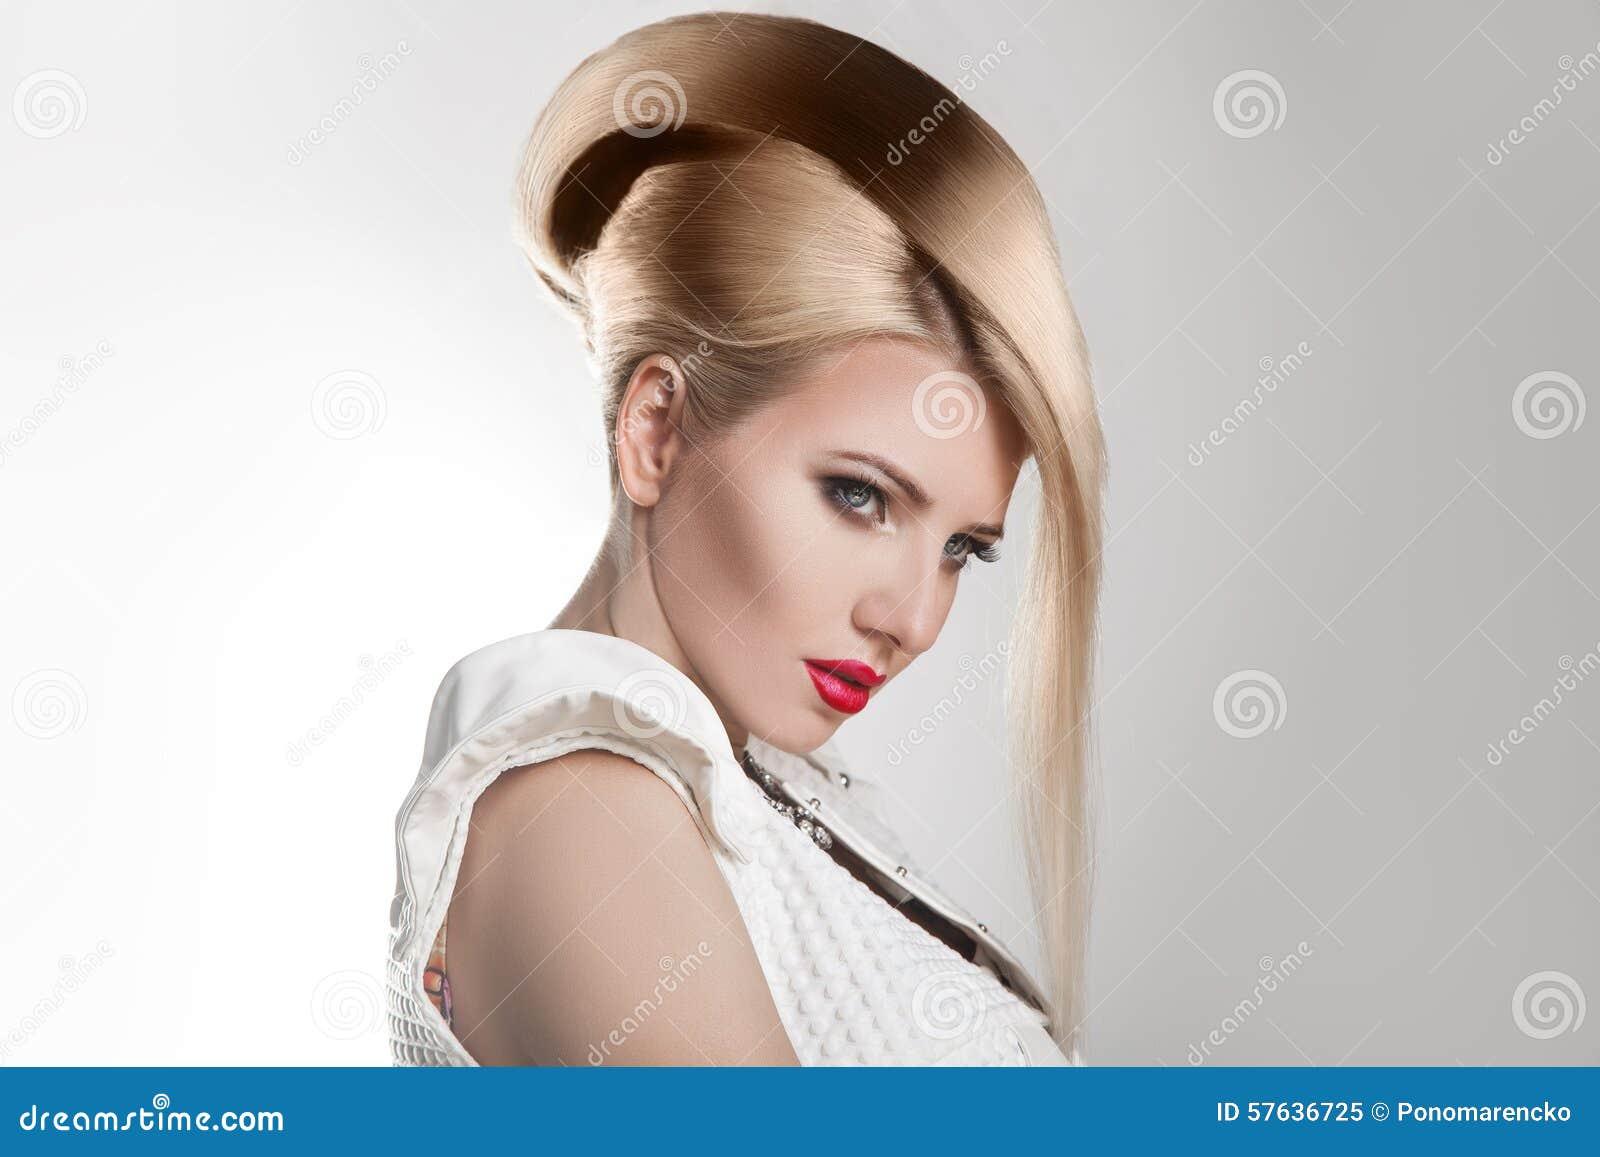 Haarschnitt Schones Madchen Mit Dem Gesunden Kurzen Blonden Haar